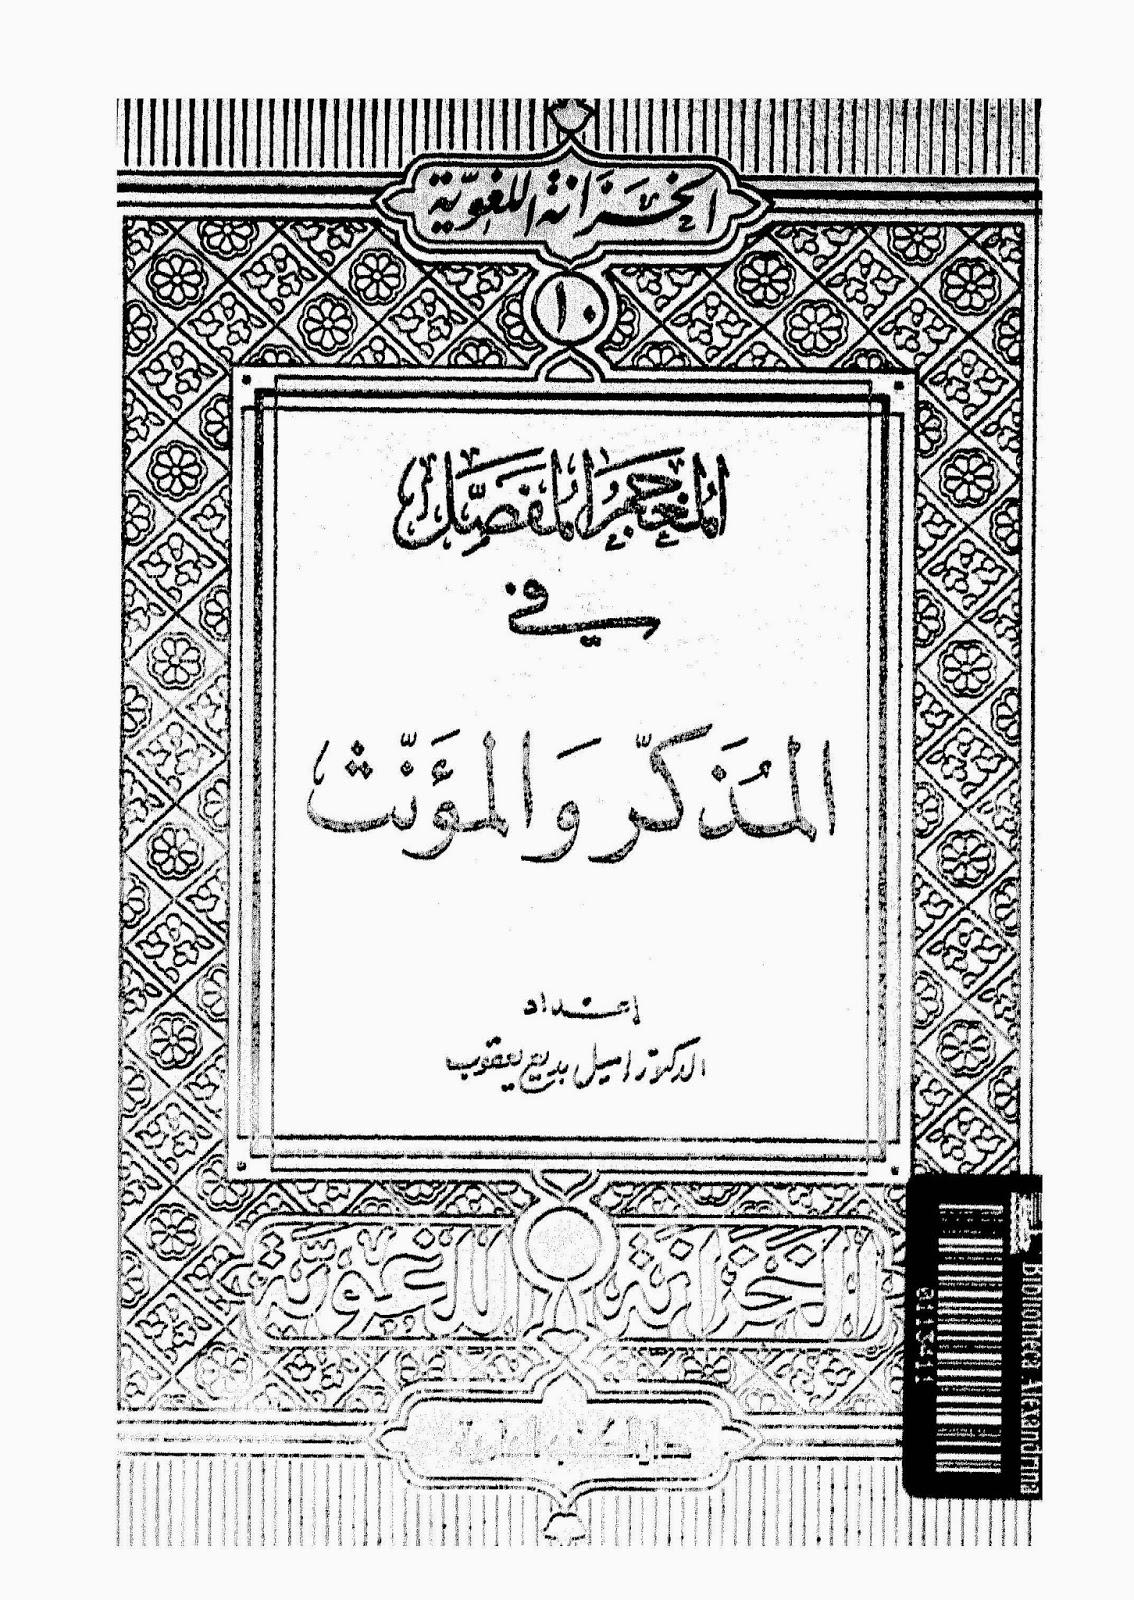 المعجم المفصل في المذكر والمؤنث - اميل يعقوب pdf